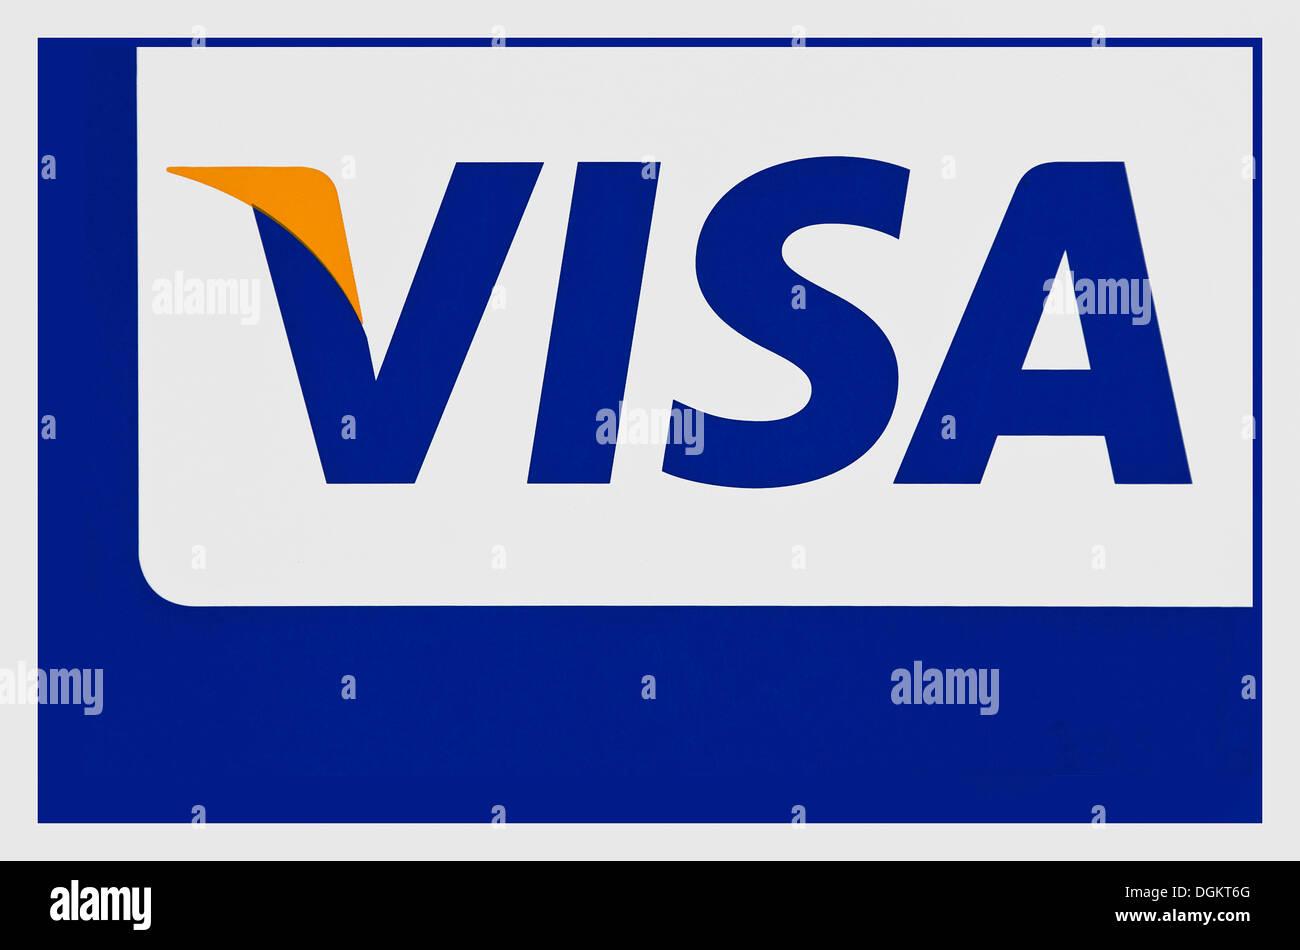 El logotipo de Visa, Visa International Service Association, organización de tarjetas de crédito Imagen De Stock